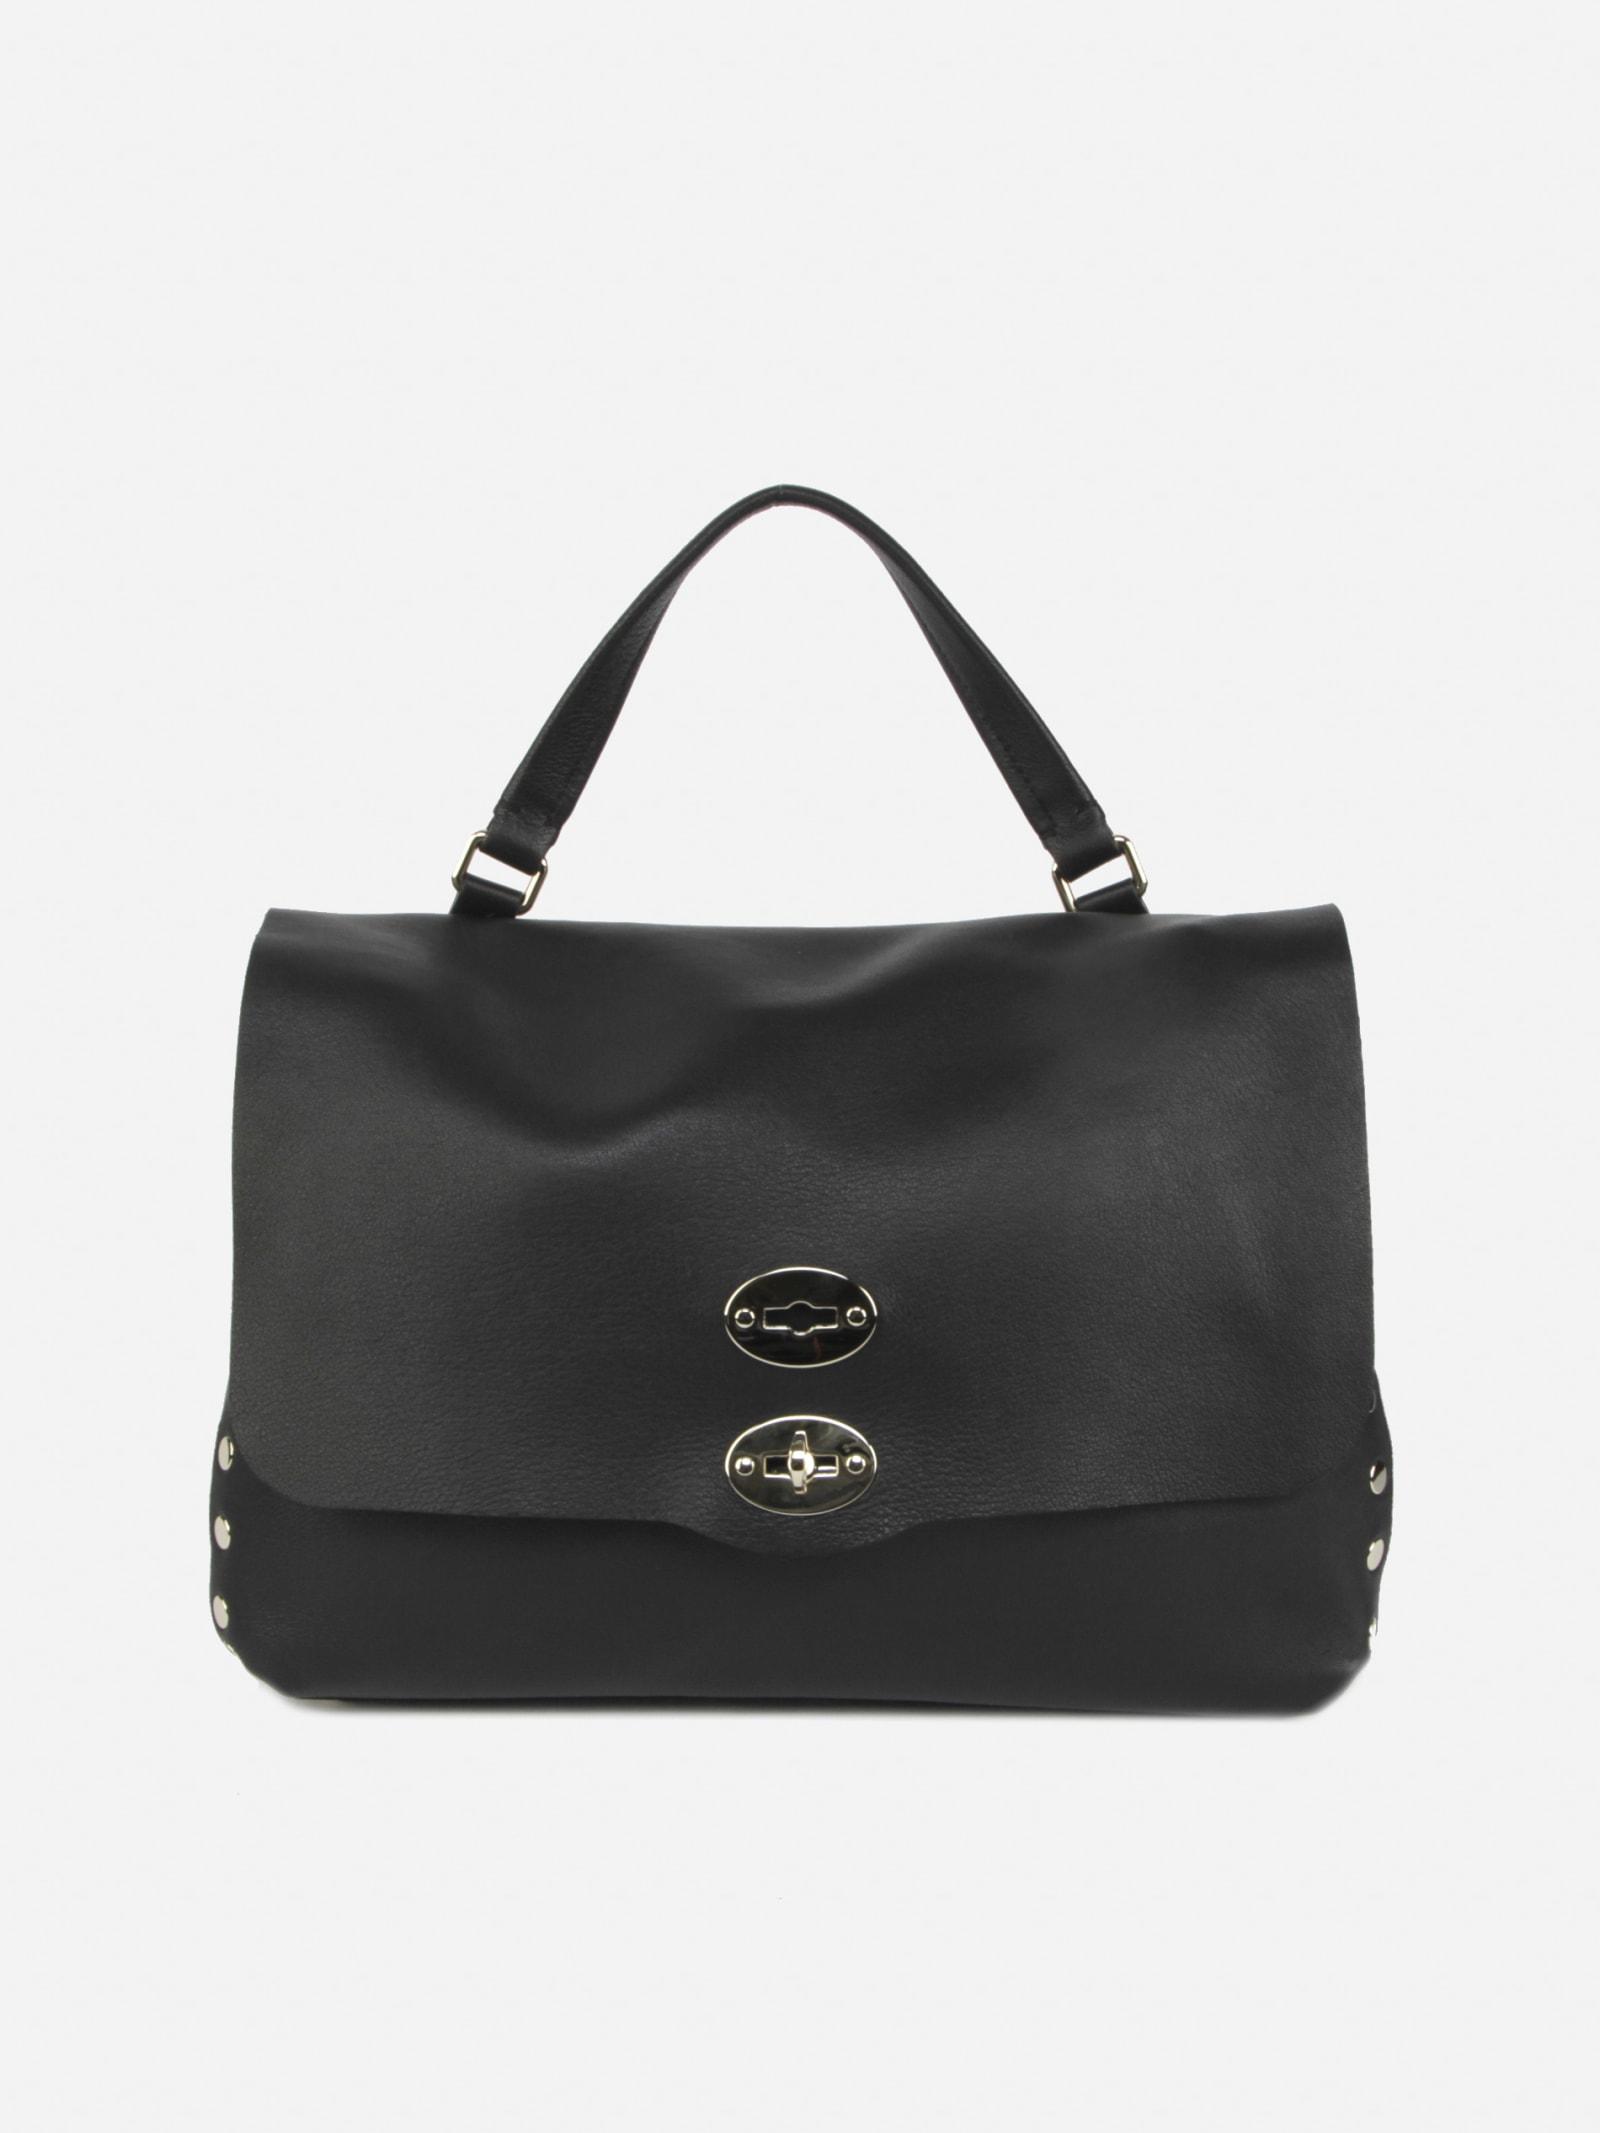 Zanellato Messenger Bag M Heritage Maratea Sand In Leather